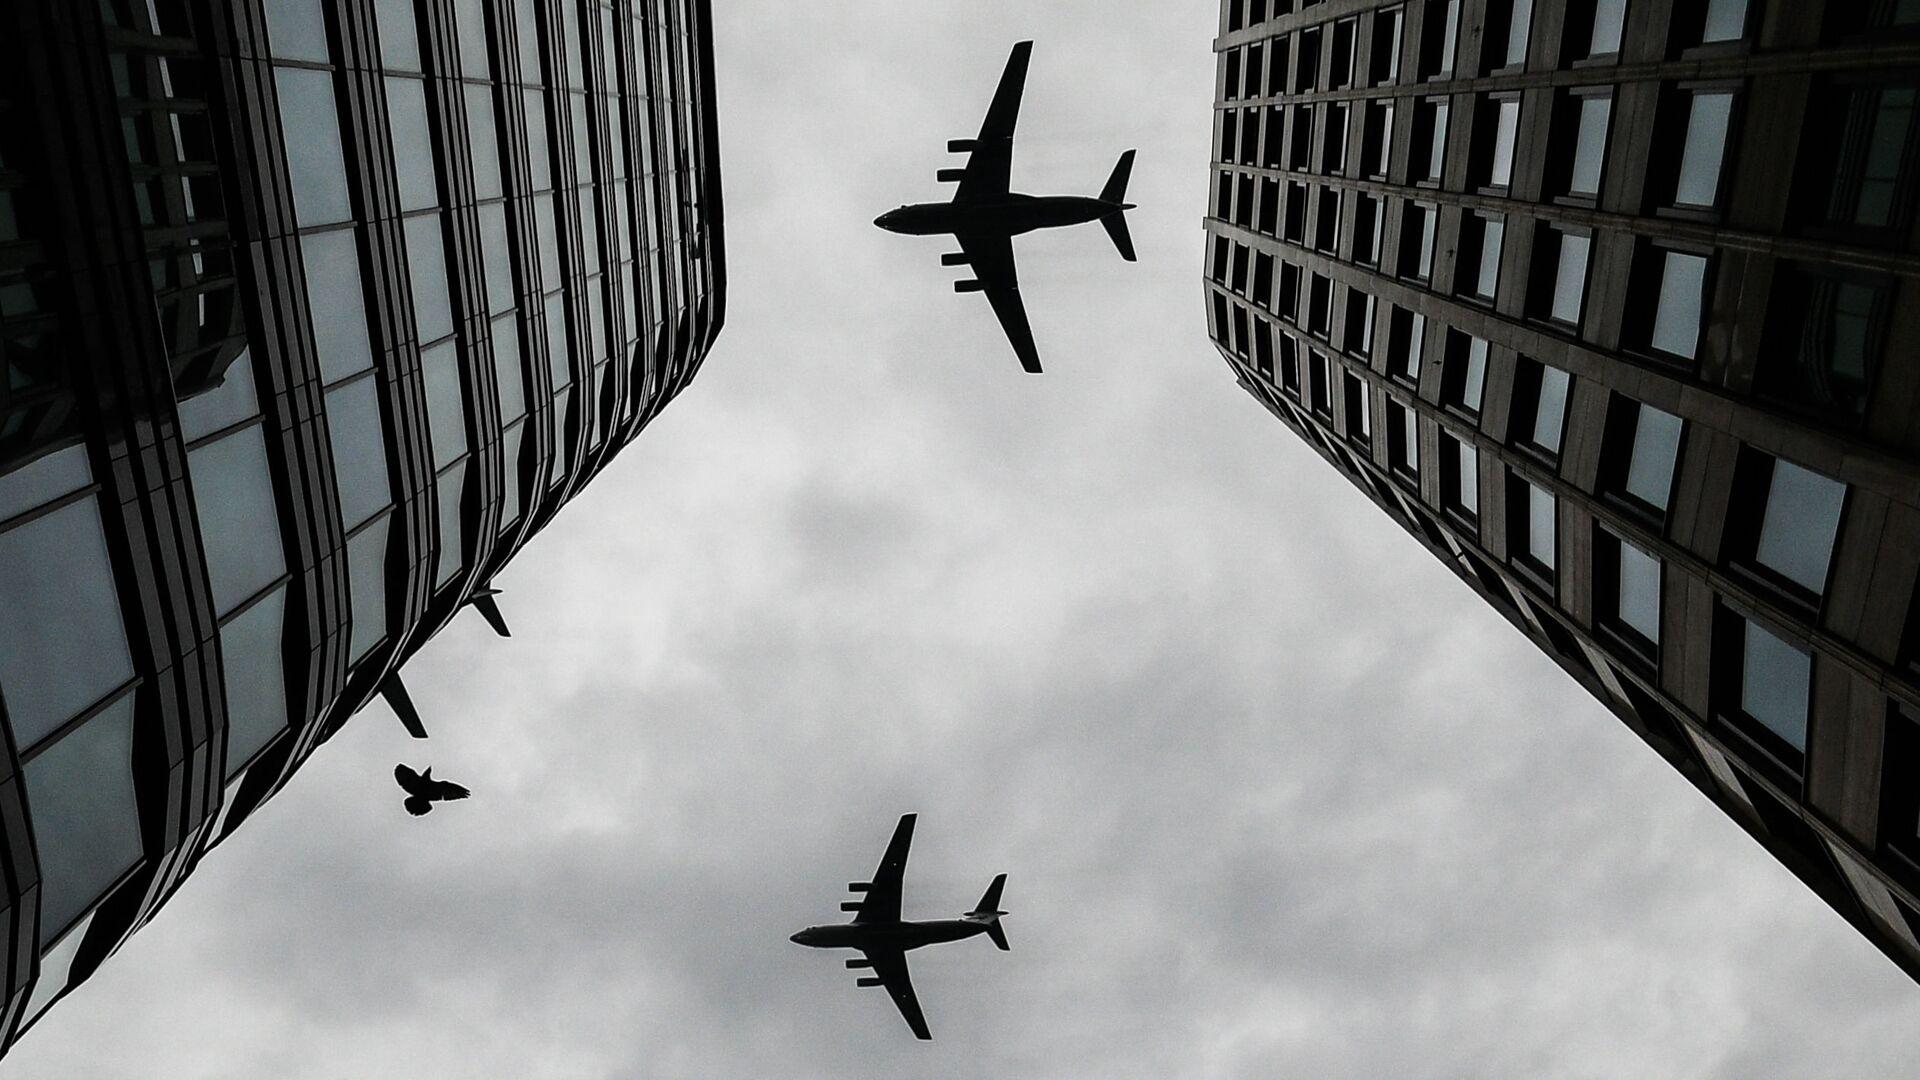 Тяжелые транспортные самолеты Ил-76 на репетиции воздушной части парада Победы в Москве - Sputnik Узбекистан, 1920, 27.07.2021